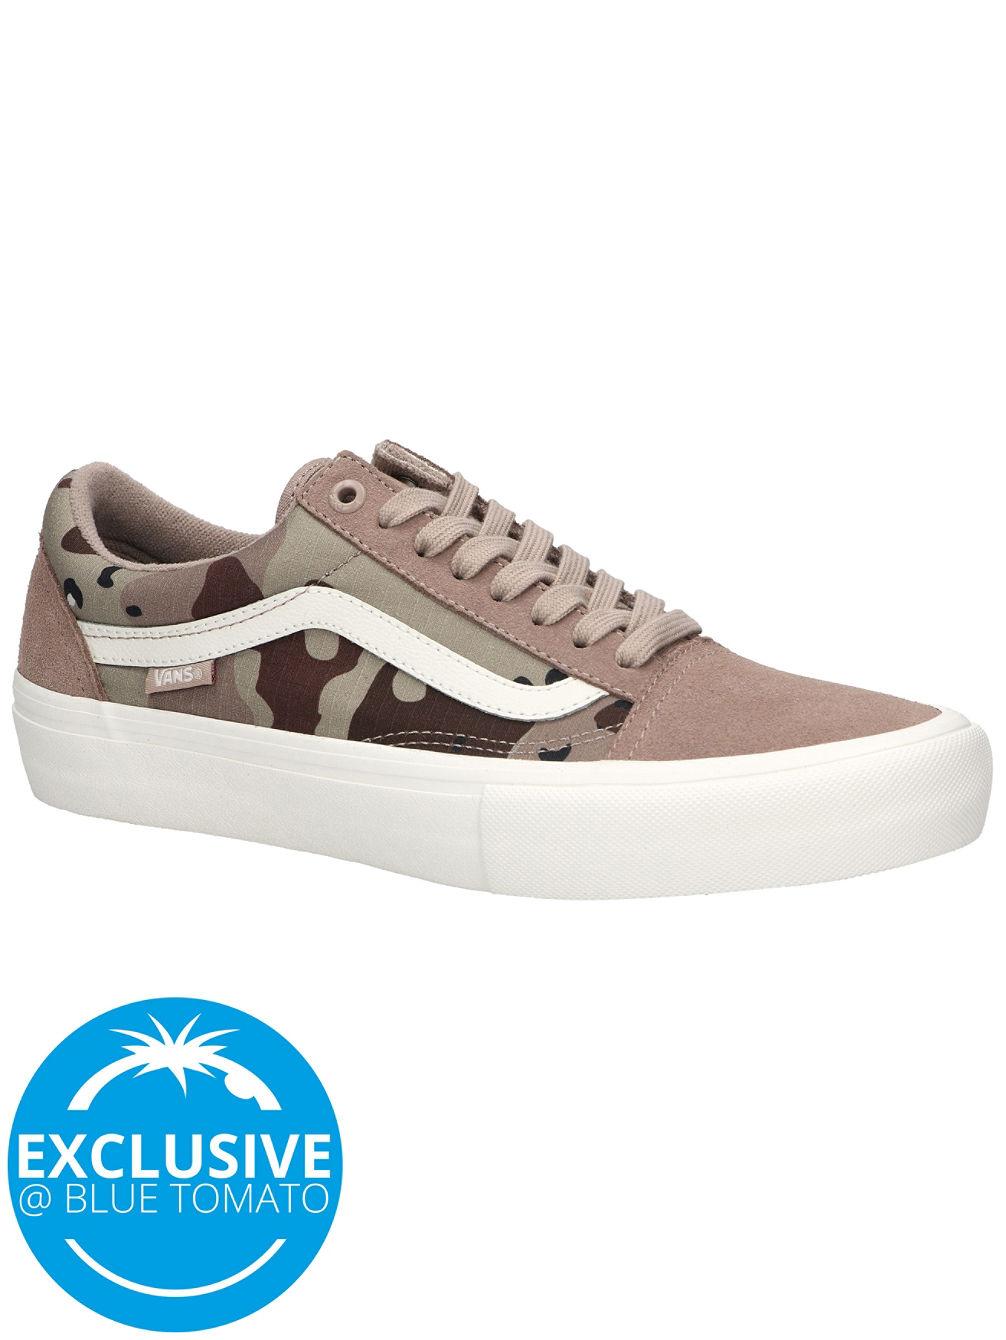 528b0456e1 Buy Vans Desert Camo Old Skool Pro Skate Shoes online at Blue Tomato